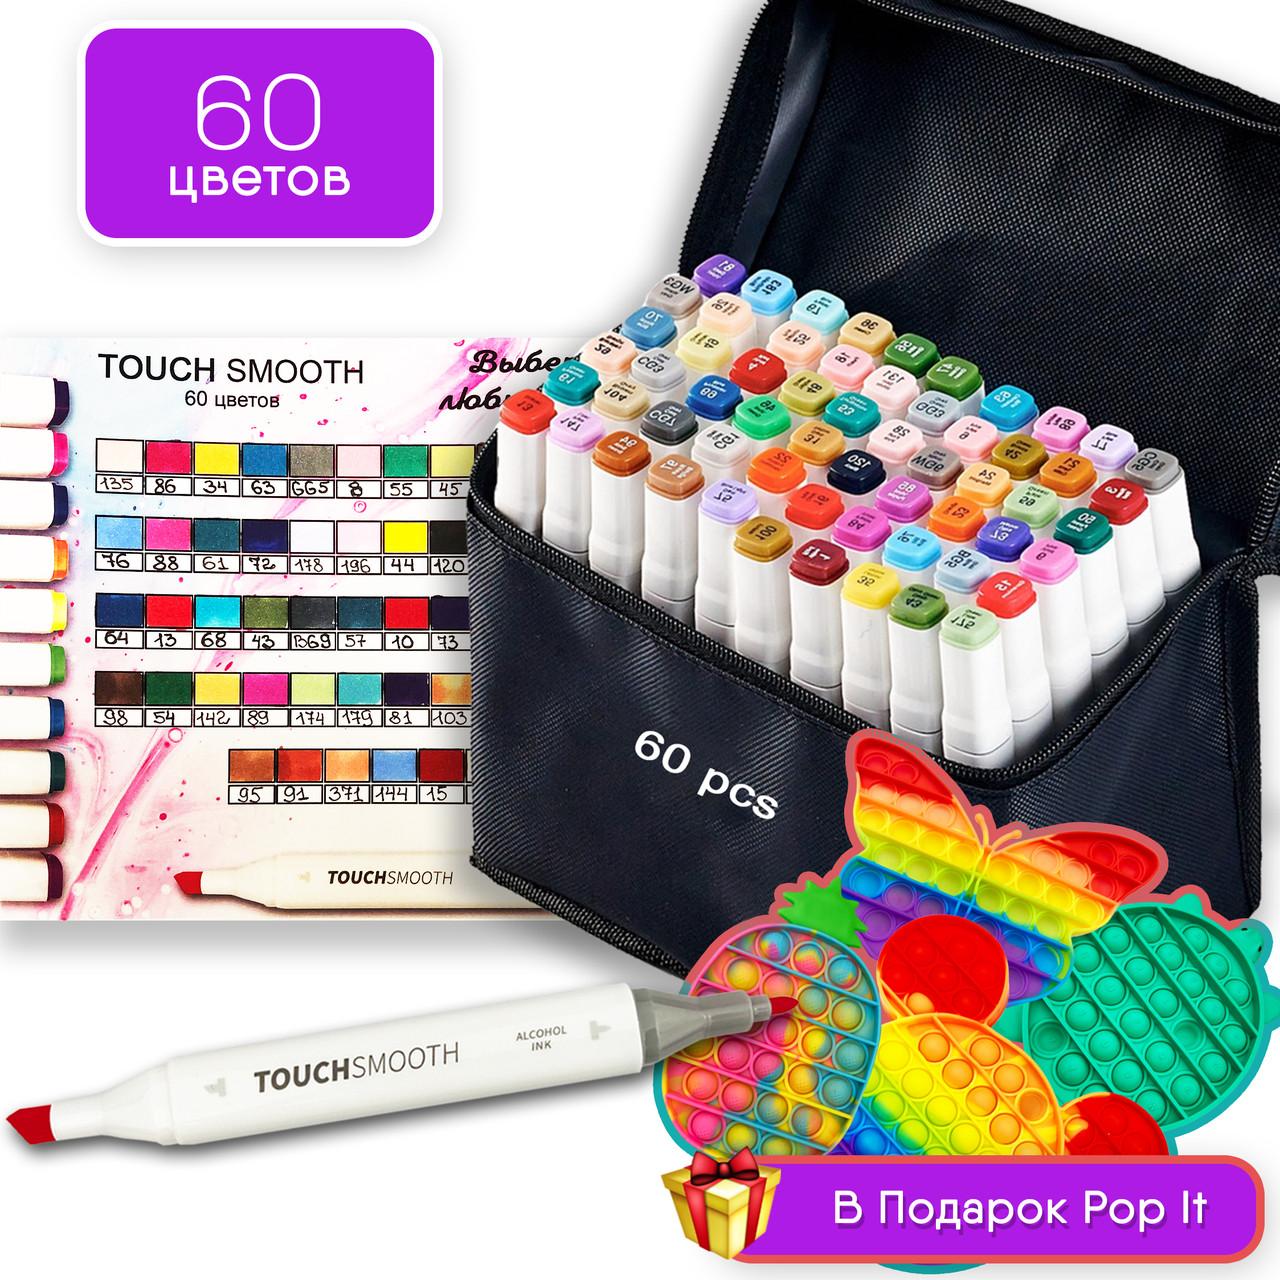 Набір якісних маркерів 60 штук Touch Smooth для скетчинга + ПОП ІТ